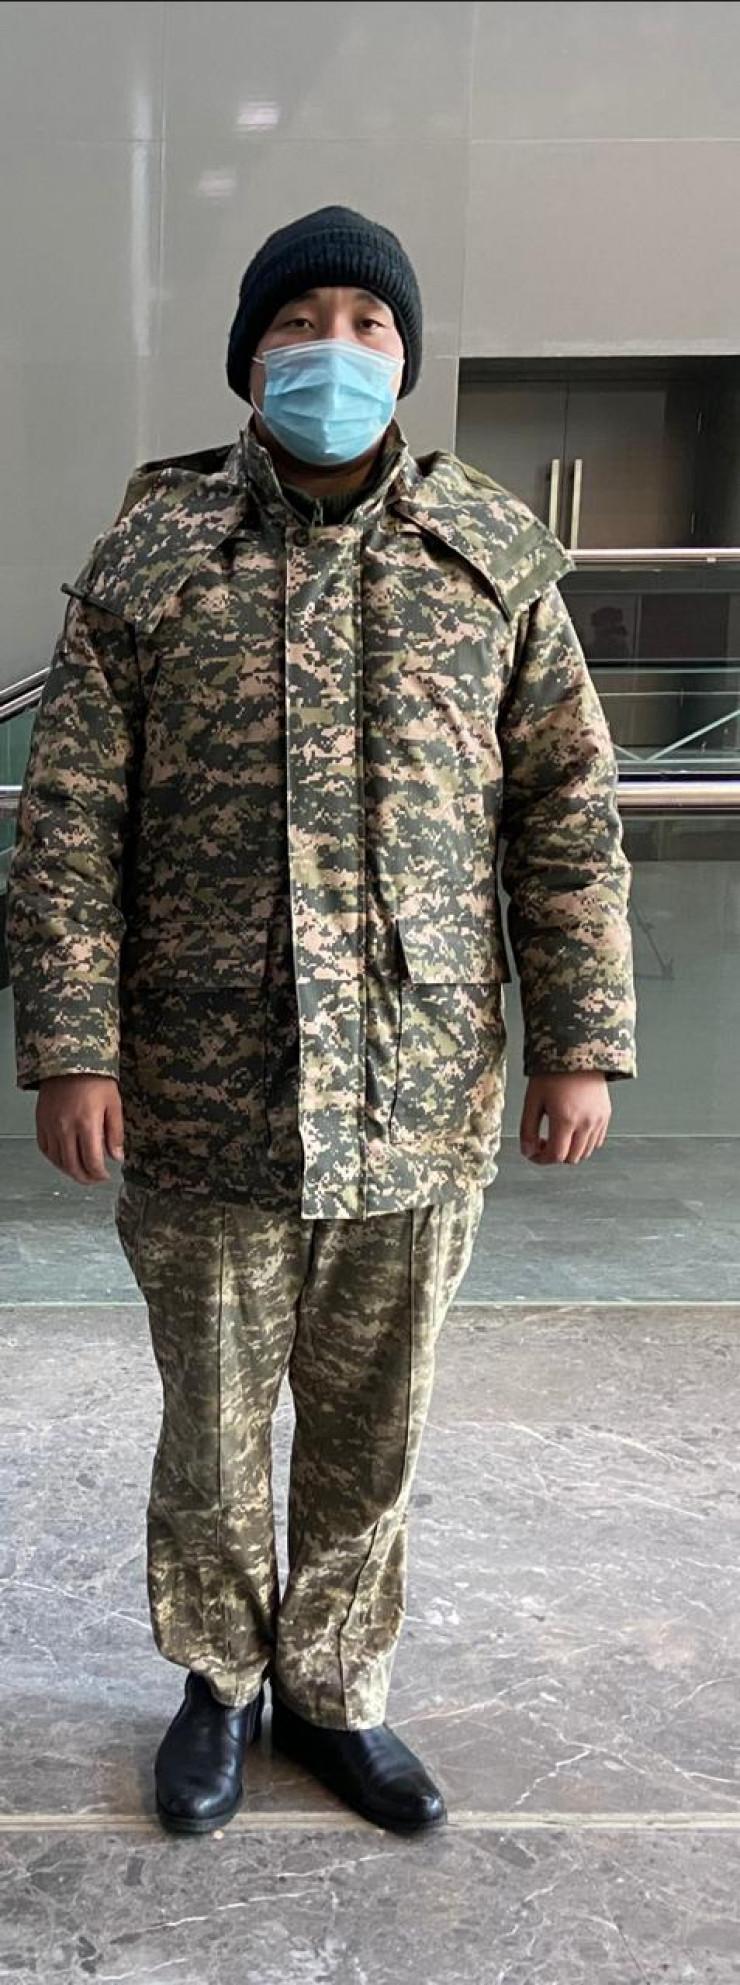 Какую камуфляжную форму нельзя носить гражданским в Казахстане 3